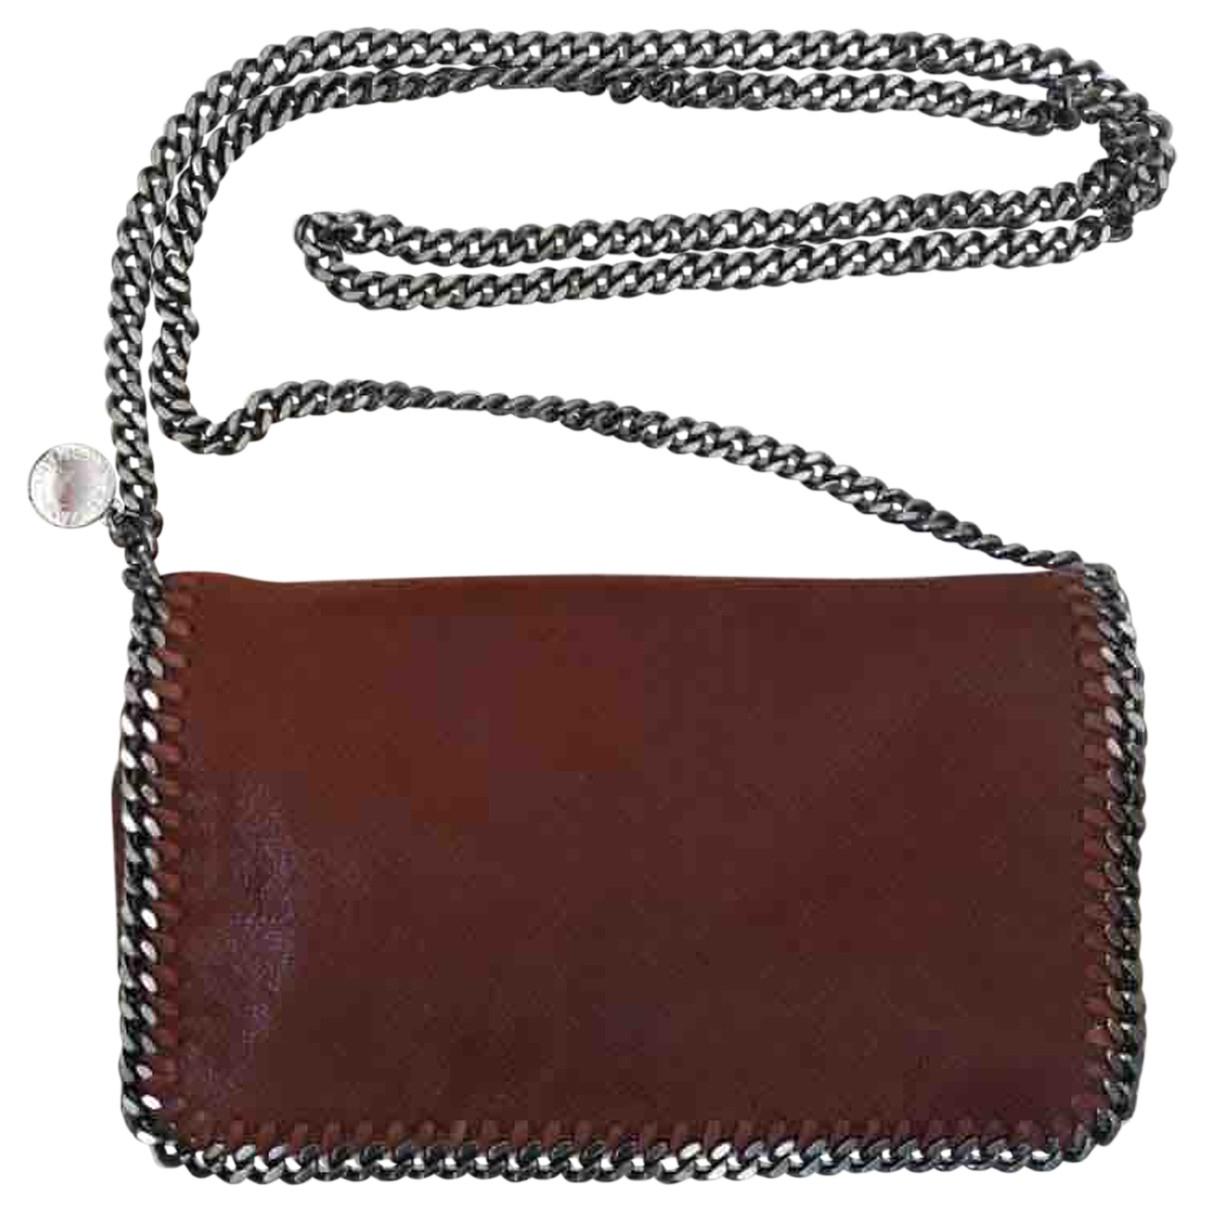 Stella Mccartney Falabella Brown Clutch bag for Women N